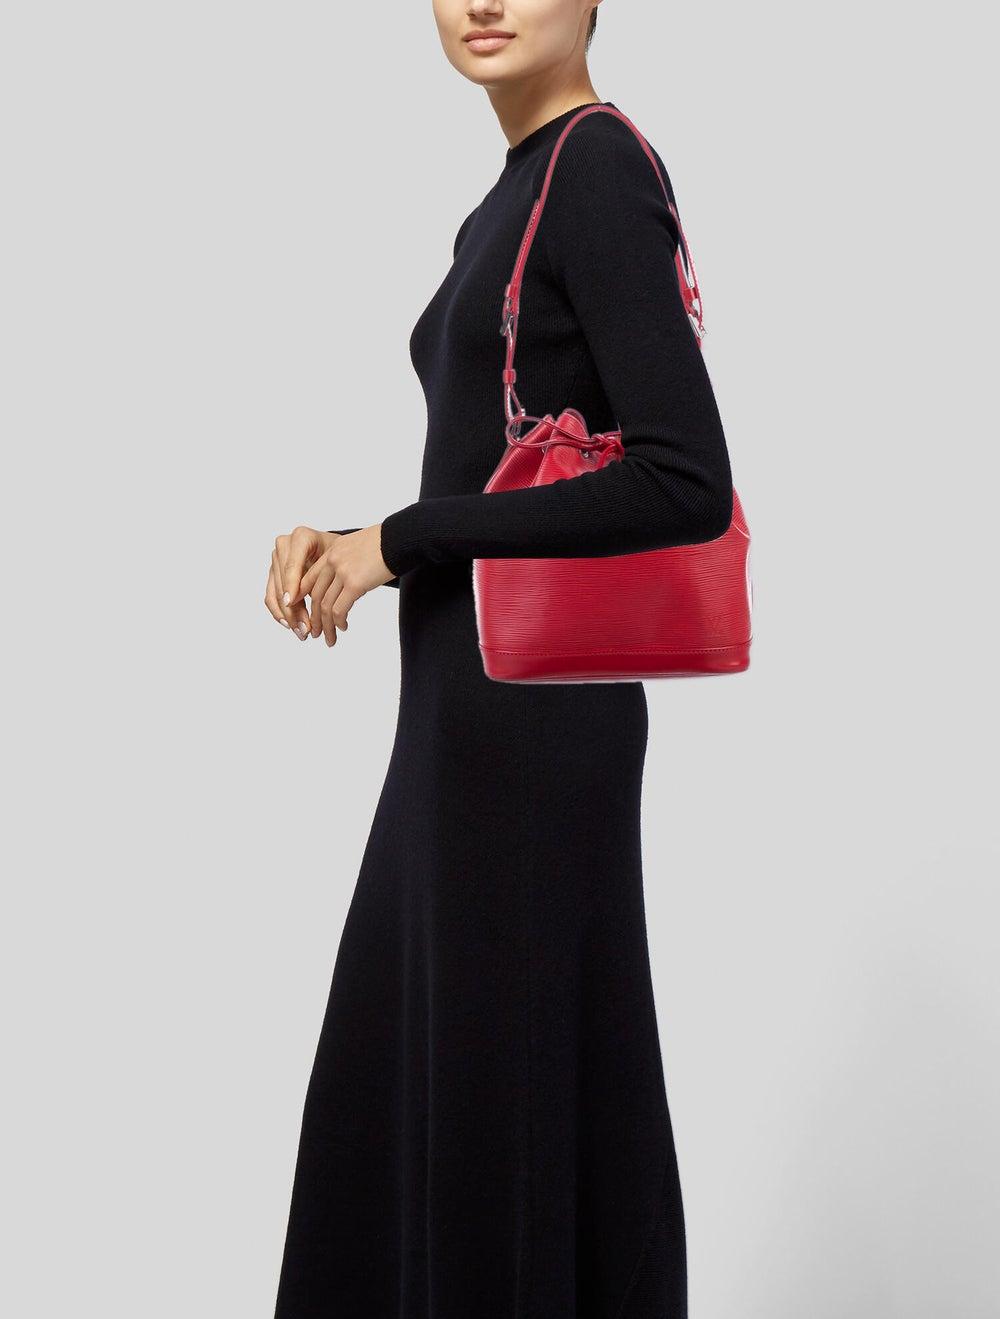 Louis Vuitton Epi Noé Red - image 2